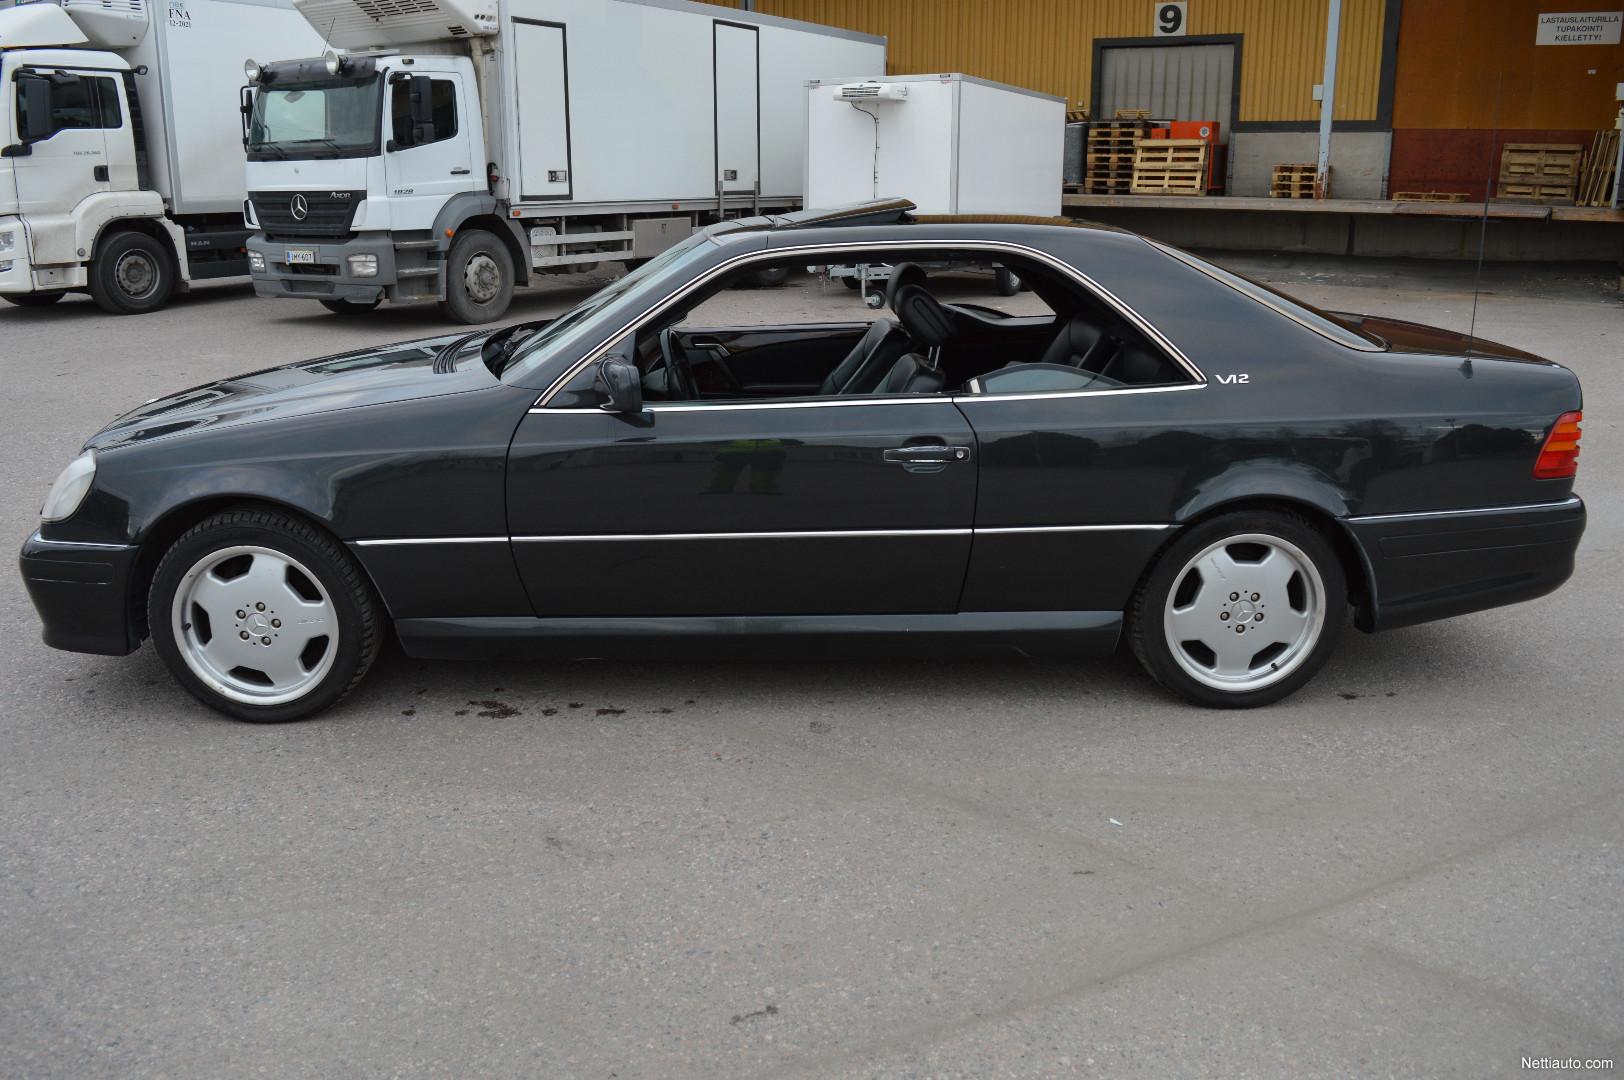 Mercedes benz sec w140 600 sec v12 coup 1993 vaihtoauto for Mercedes benz 663